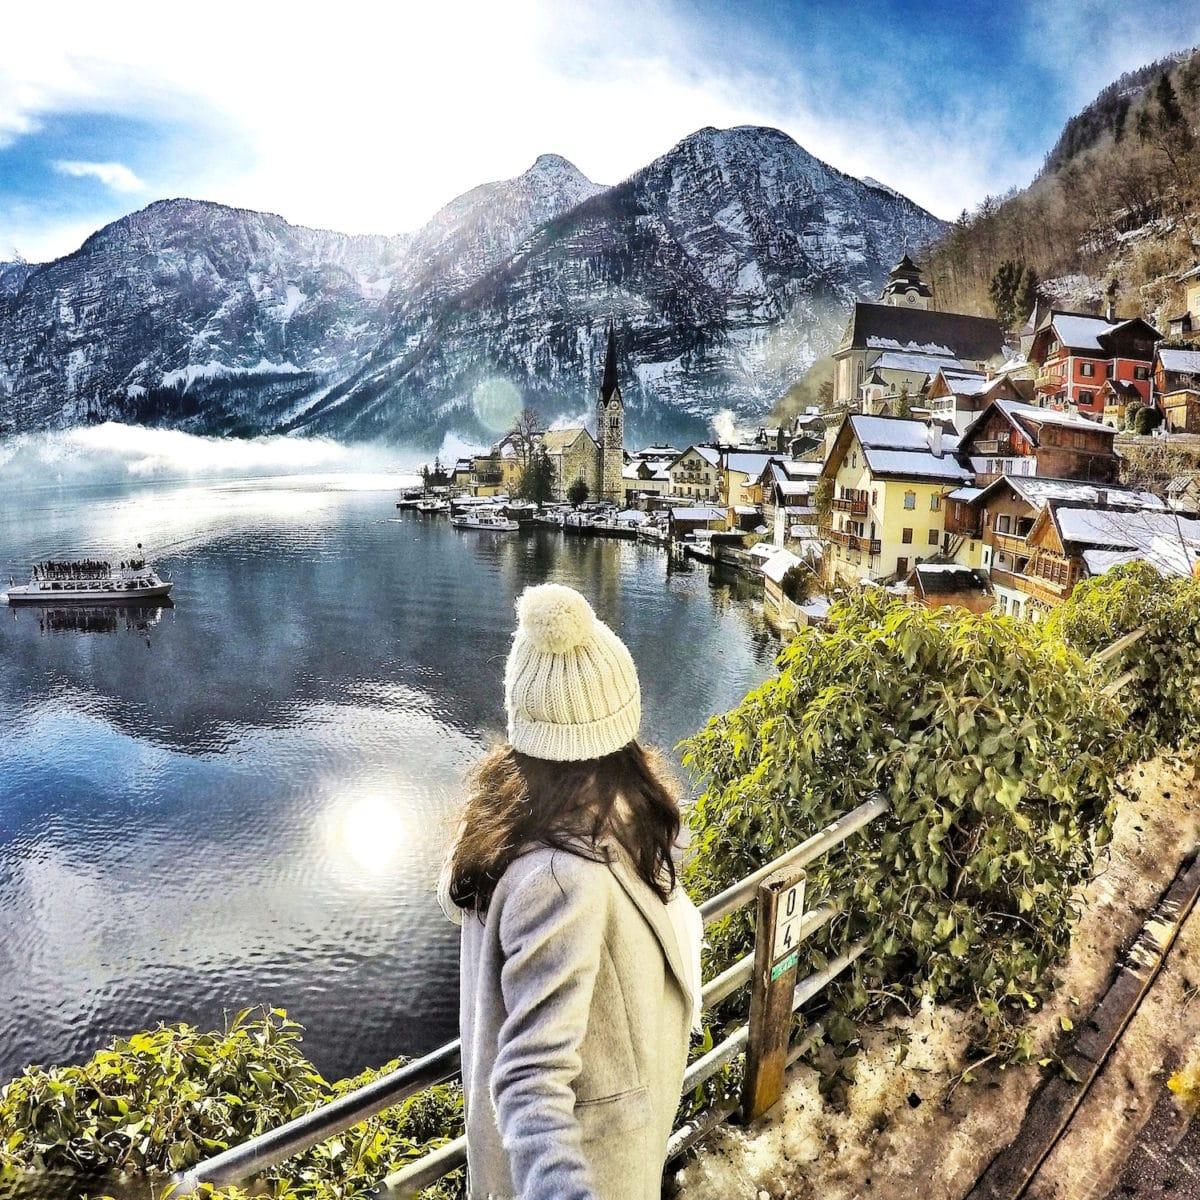 Samita @sam_wanderlust in Hallstatt, Austria